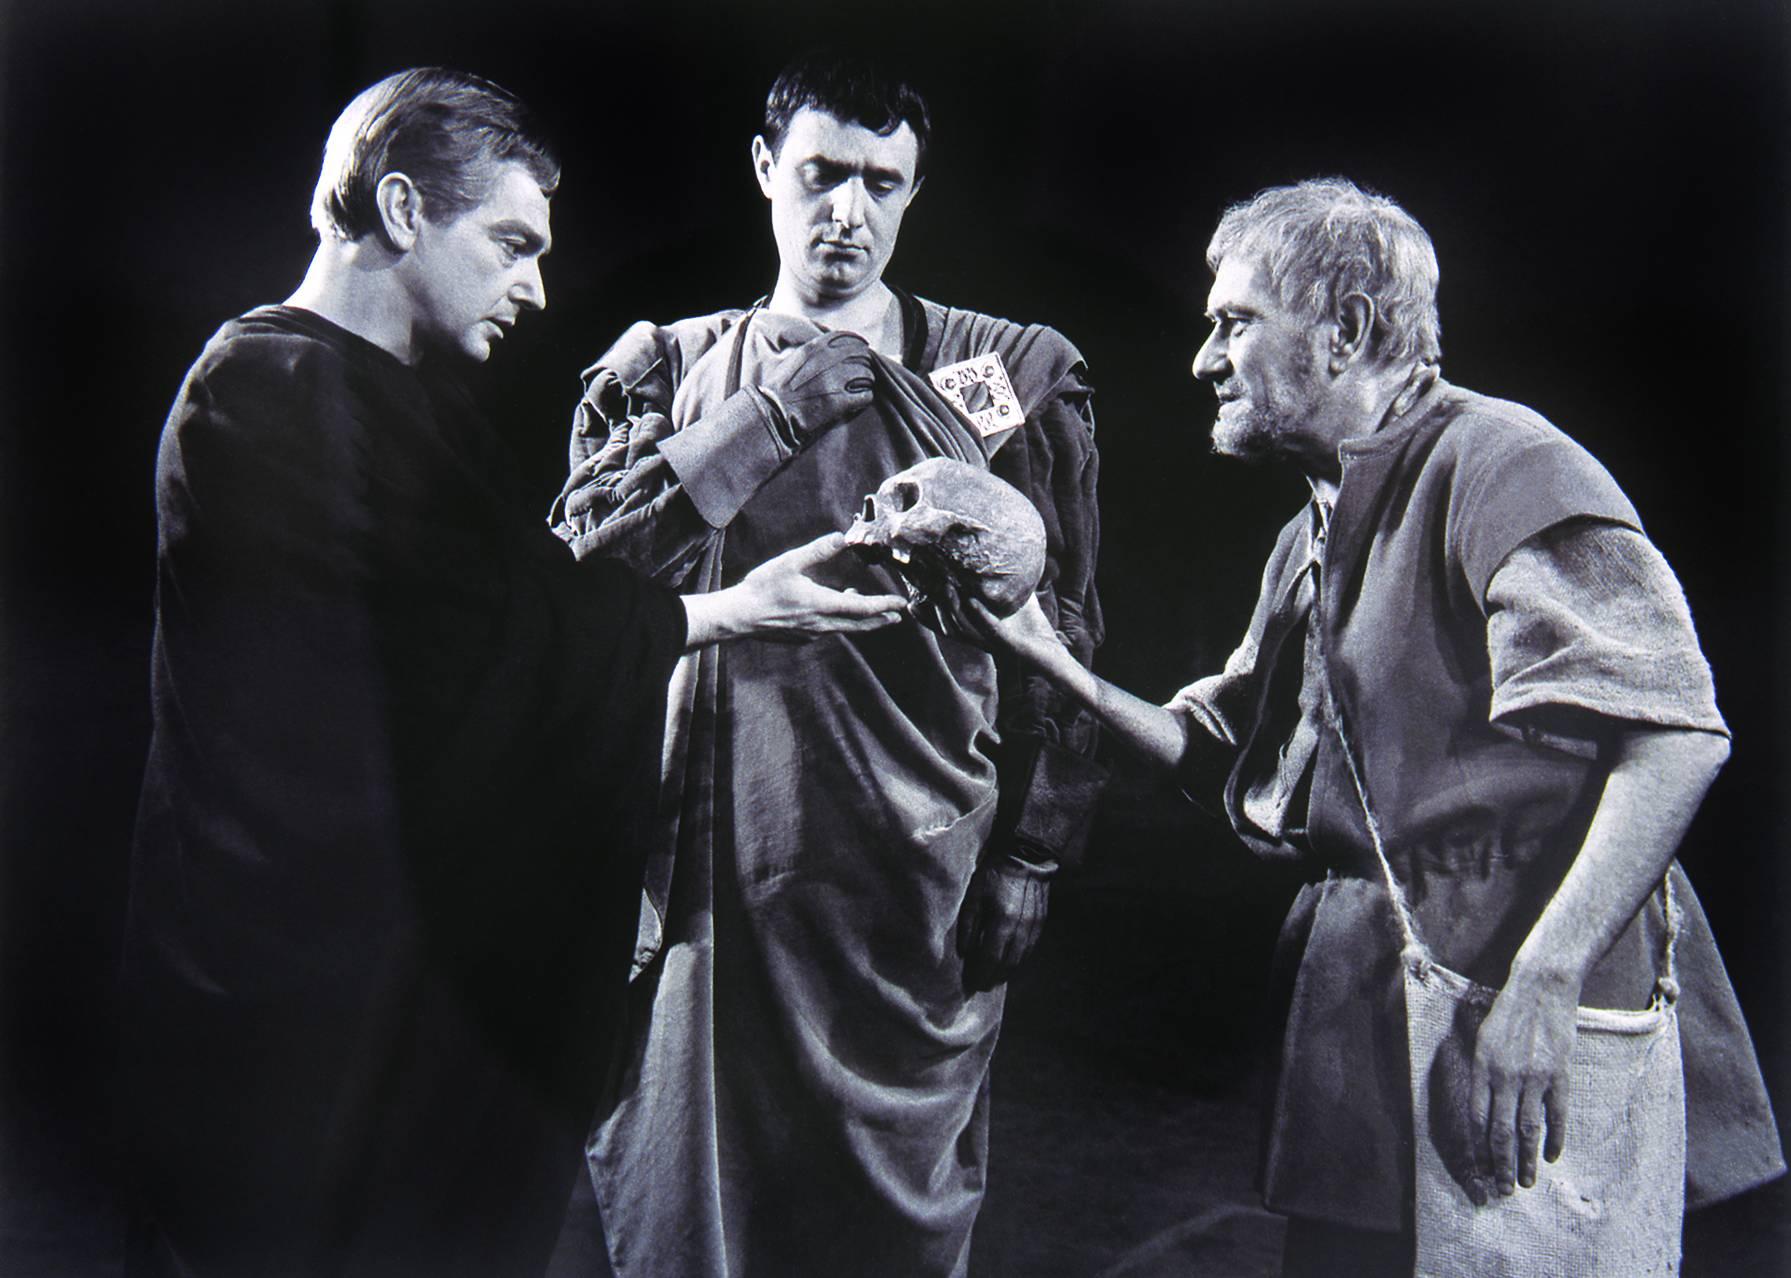 Gábor Miklós, Avar István (Horatio) és Kőmíves Sándor (I. sírásó) a Hamlet 1962-es Madách színházi előadásában. Bartal Ferenc felvétele (OSZK, Színháztörténeti Tár)